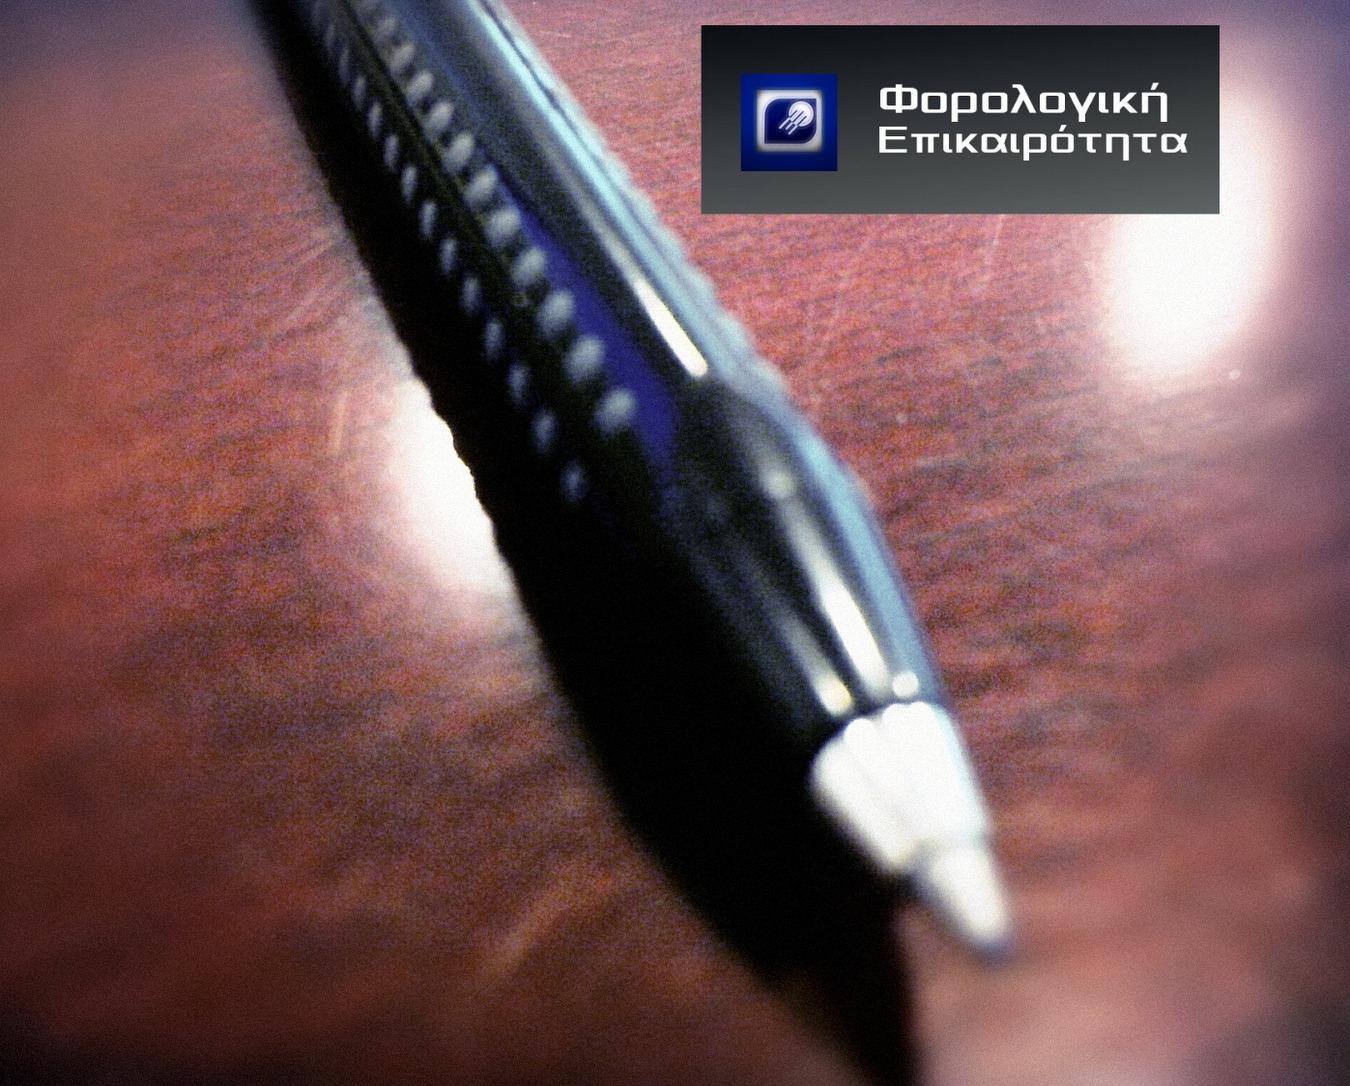 Προς επεξεργασία Νομοσχέδιο με κεντρική θεματολογία τις υπηρεσίες του ΓΕΜΗ